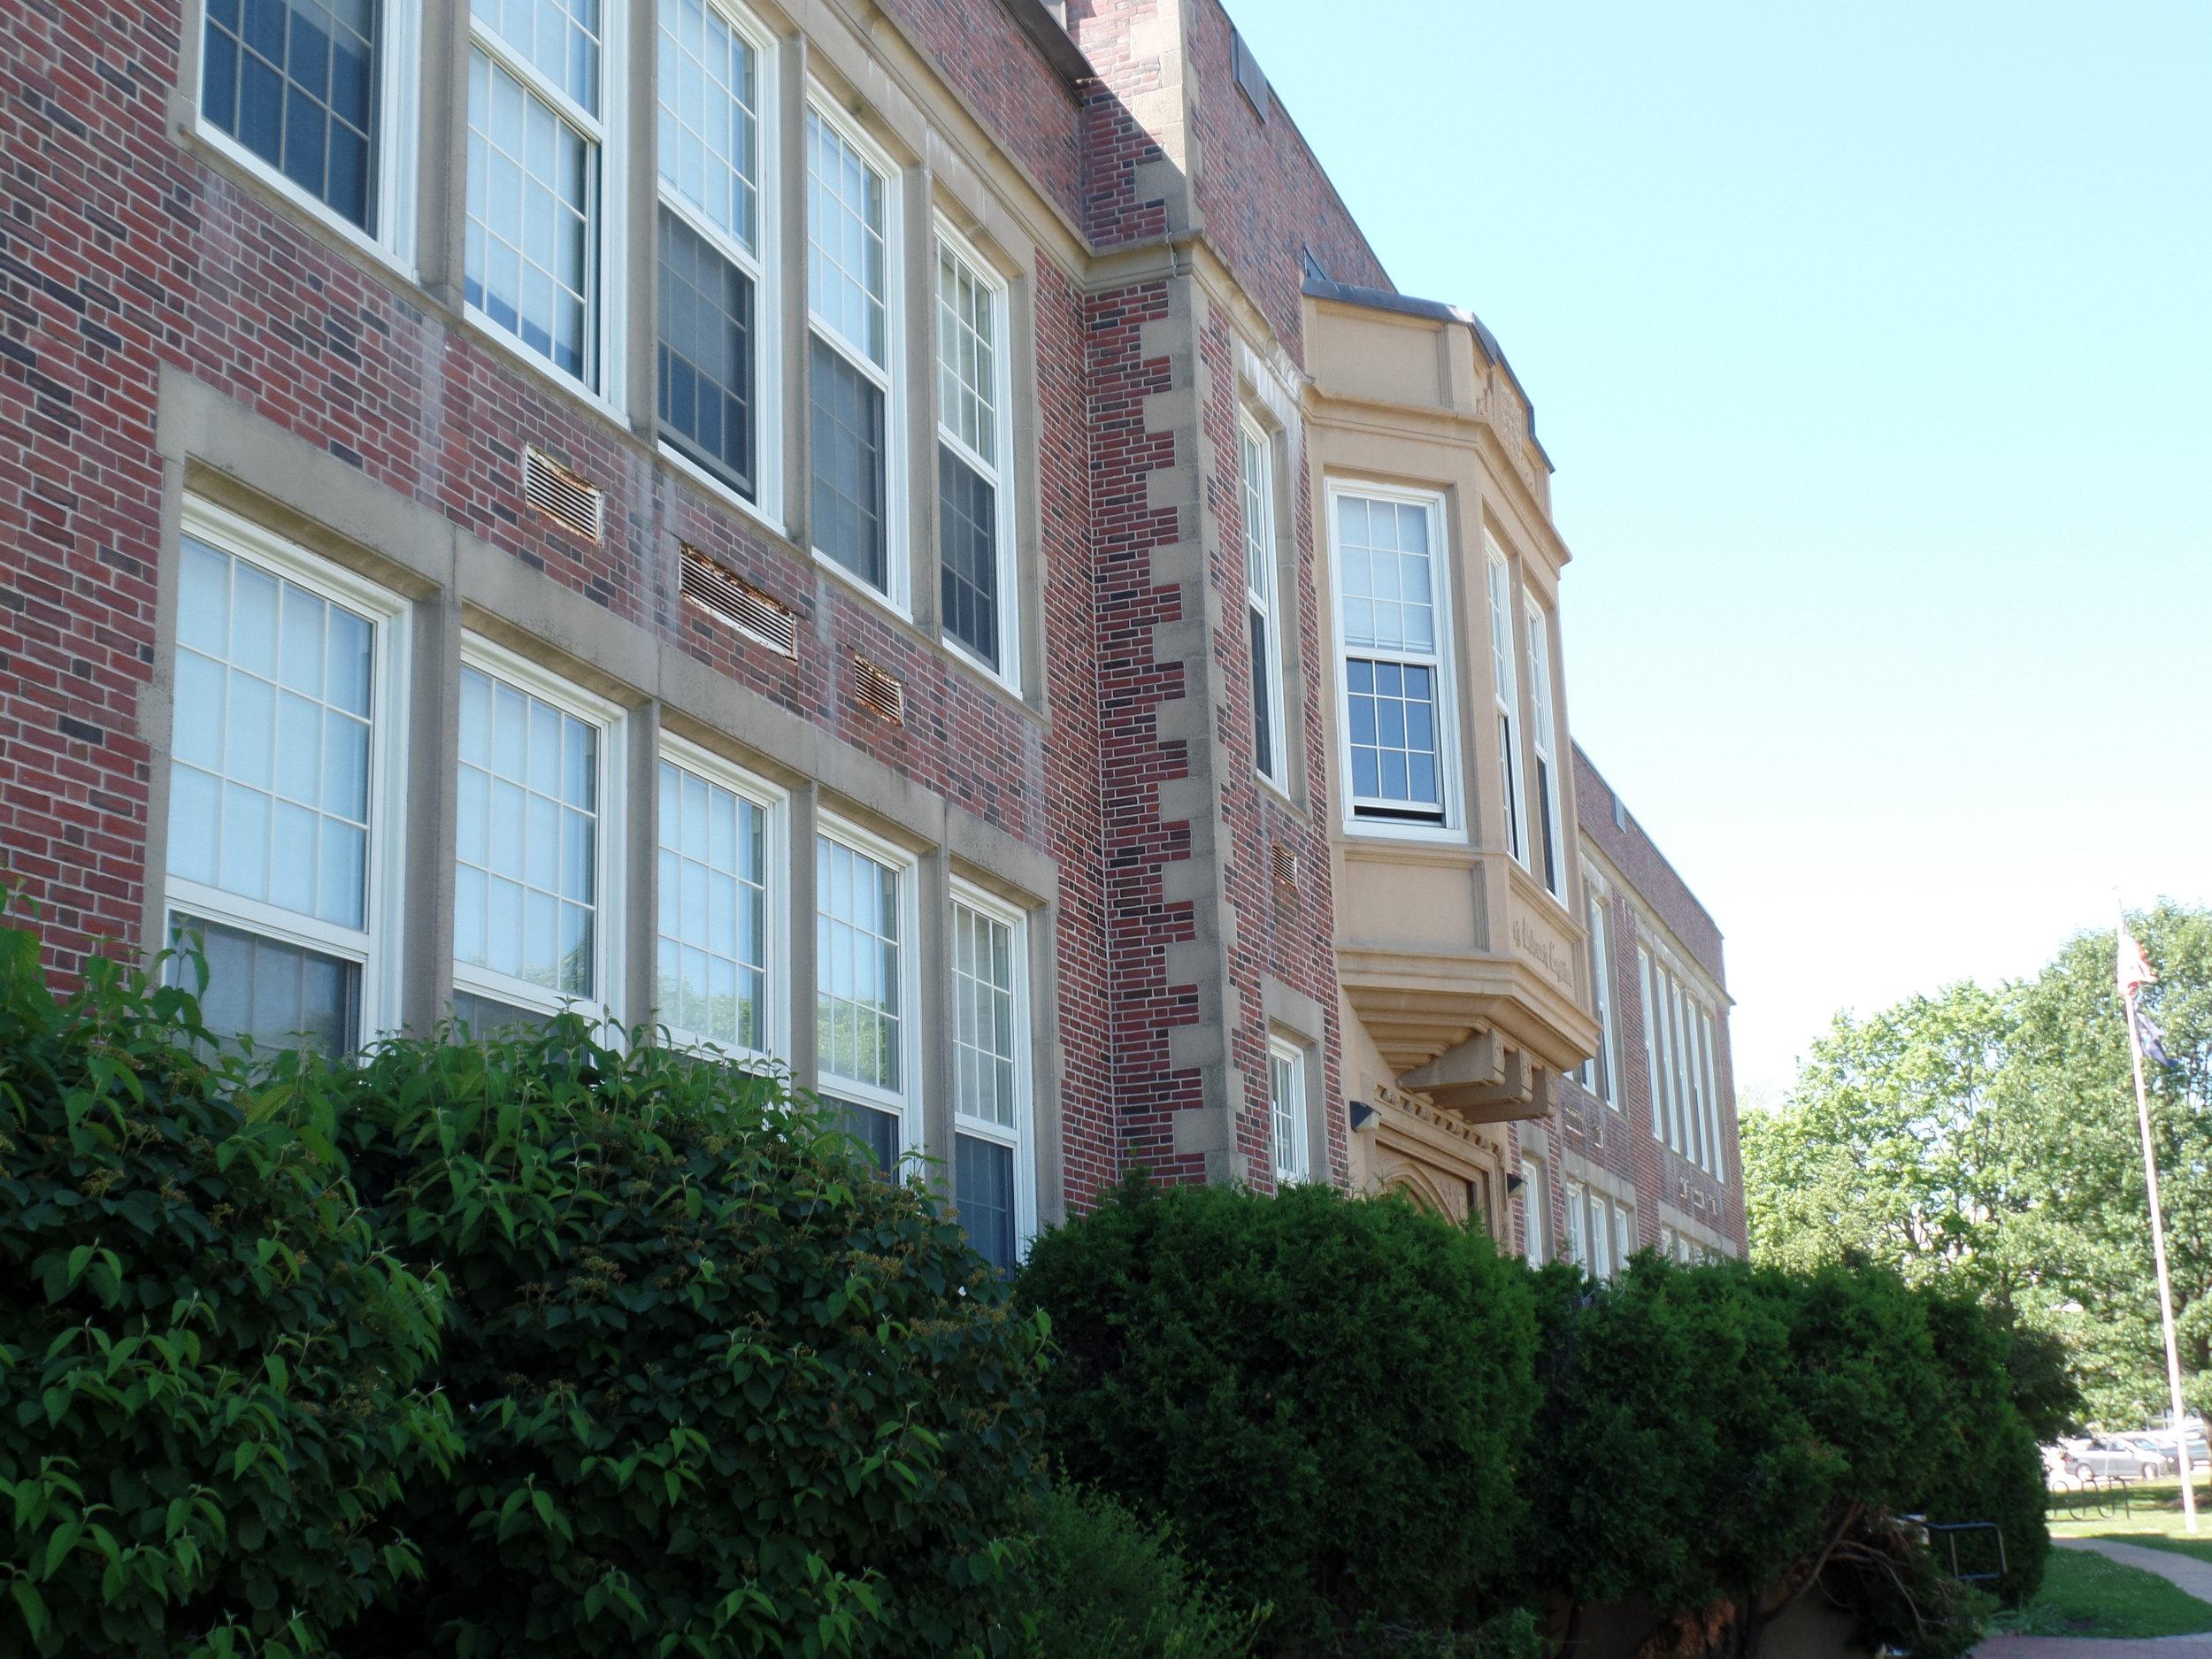 Longfellow School on Stevens Avenue, Portland